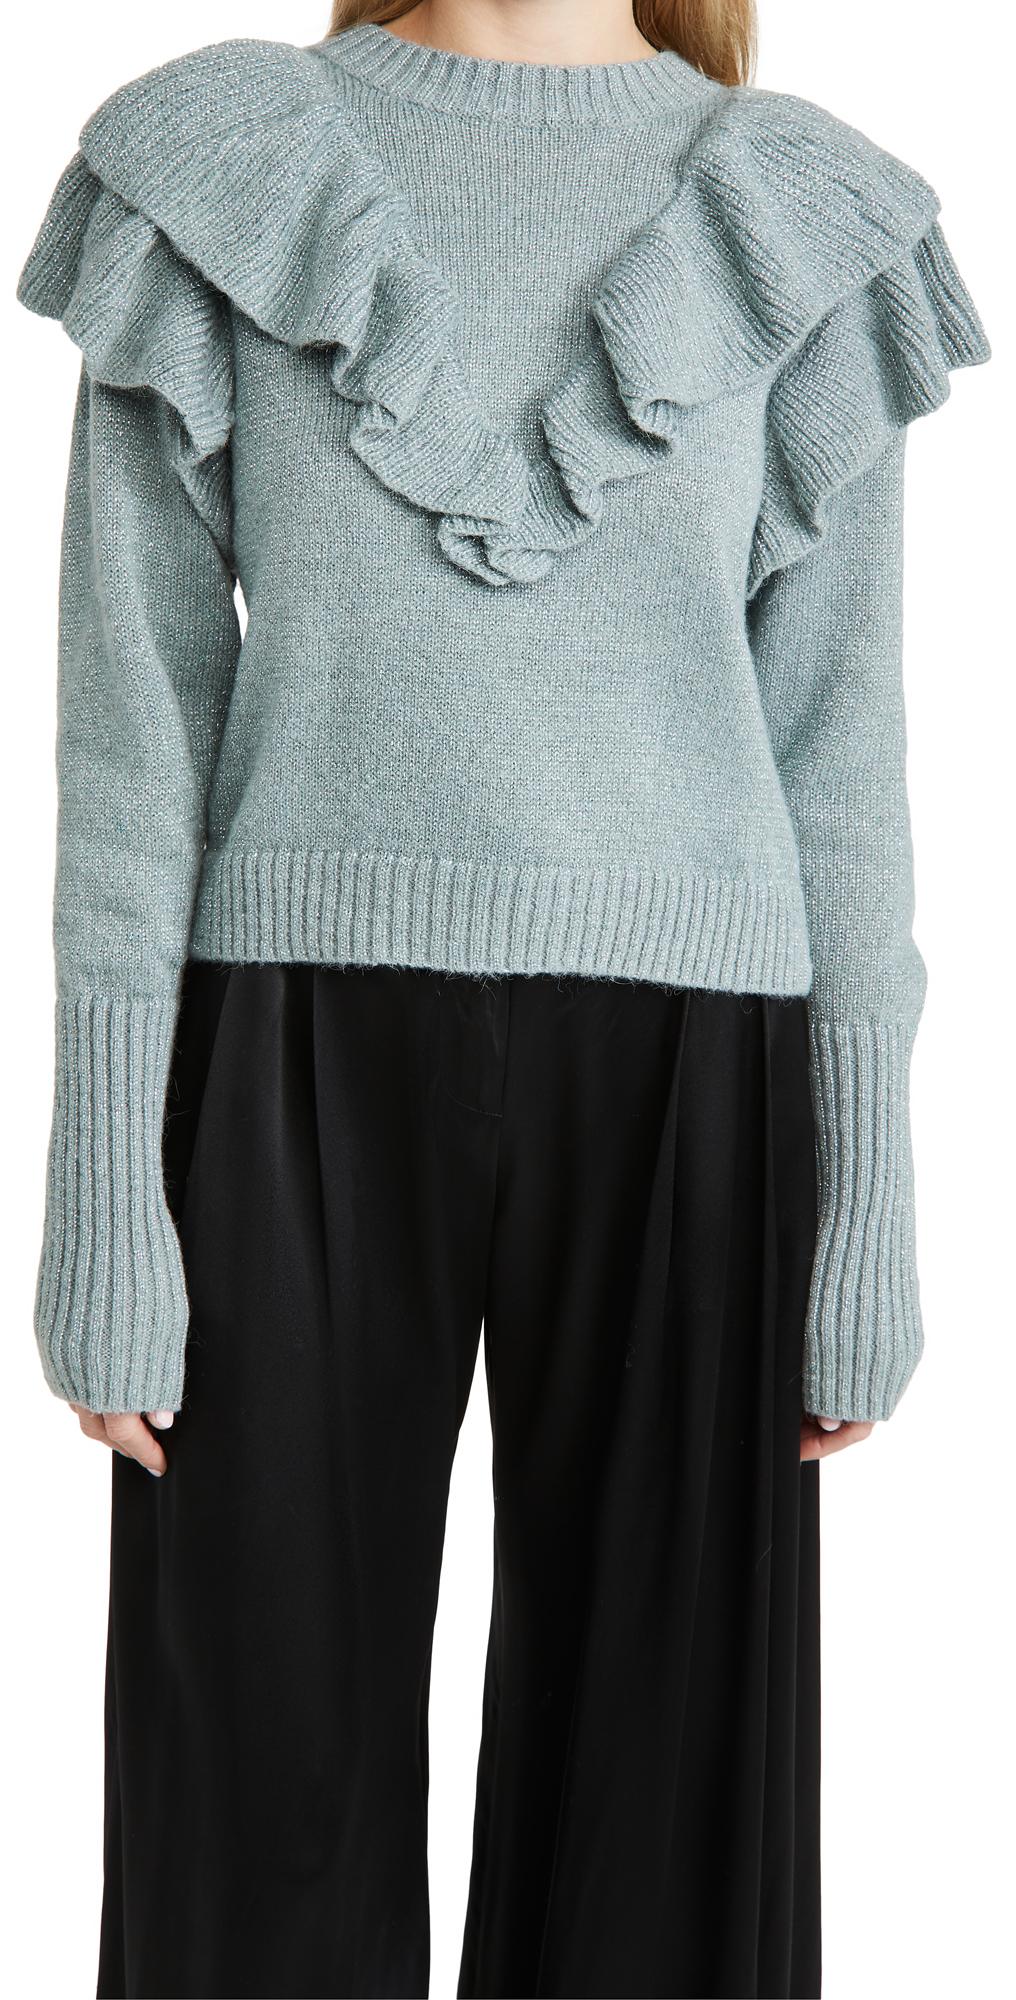 FARM Rio Metallic Ruffle Sweater